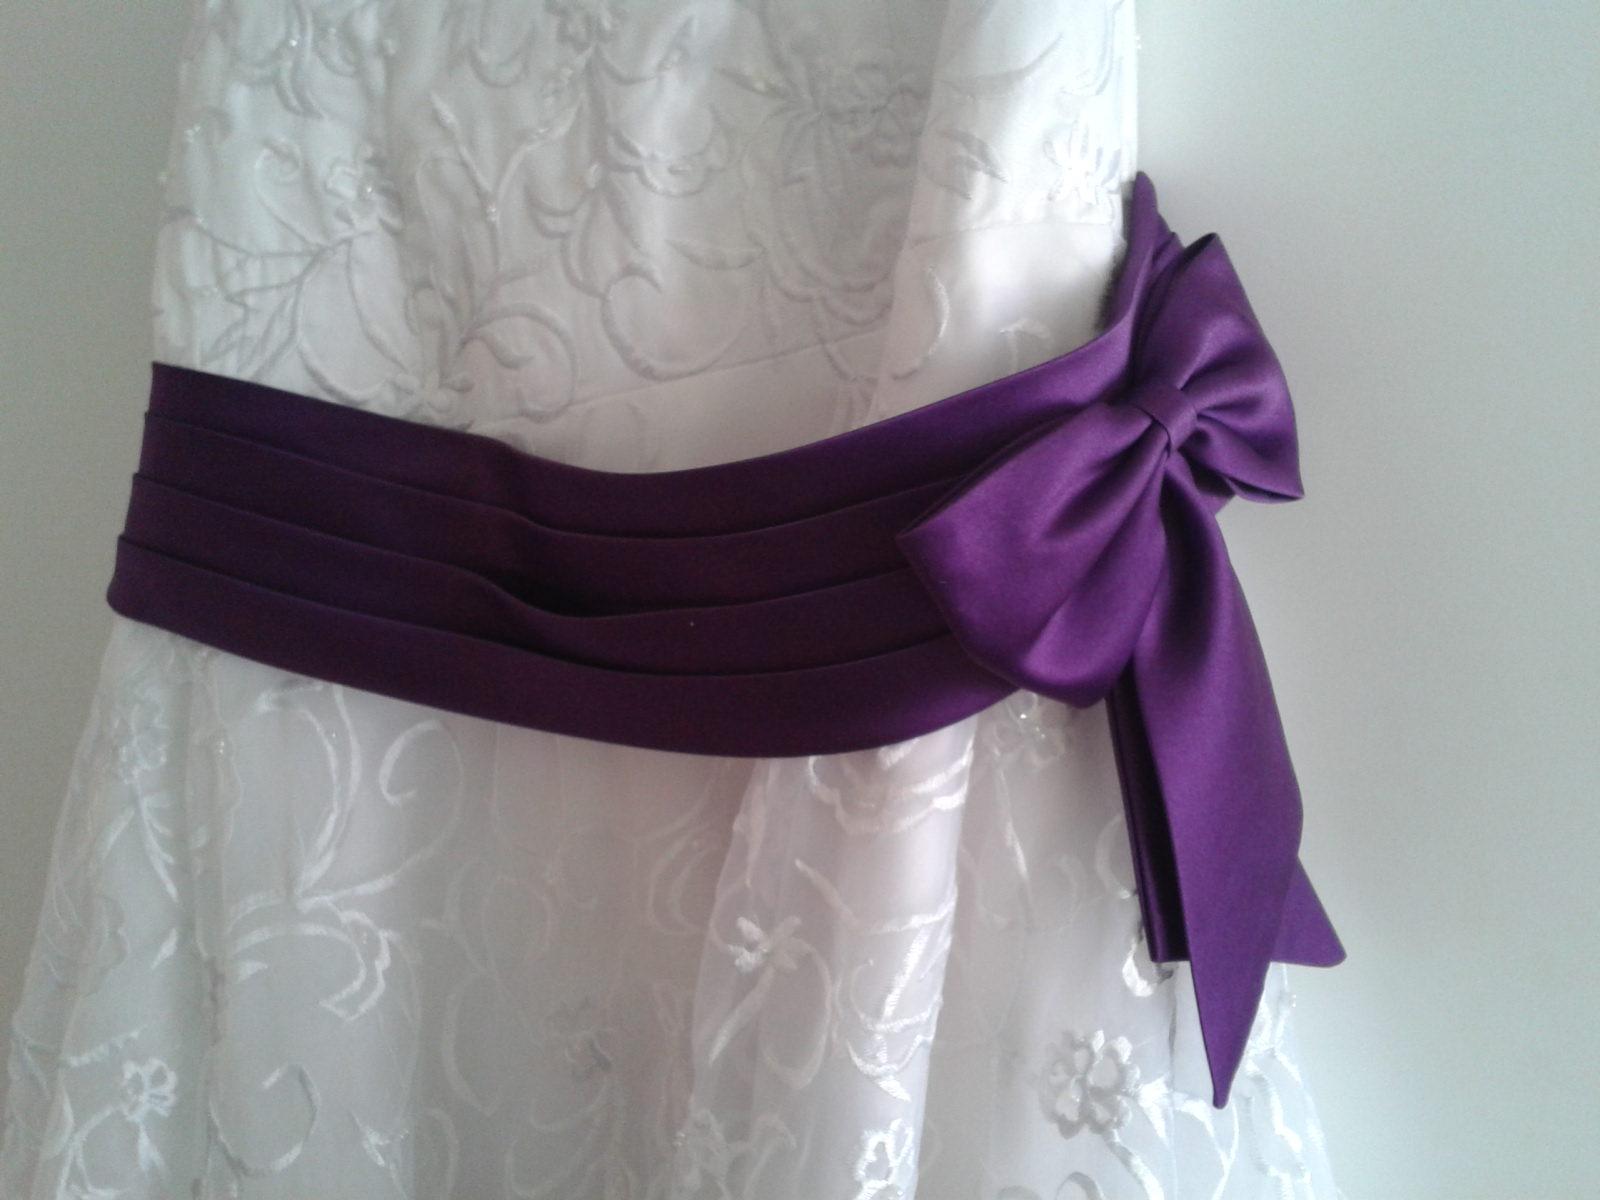 svatební šaty s fialovou mašlí - Obrázek č. 4